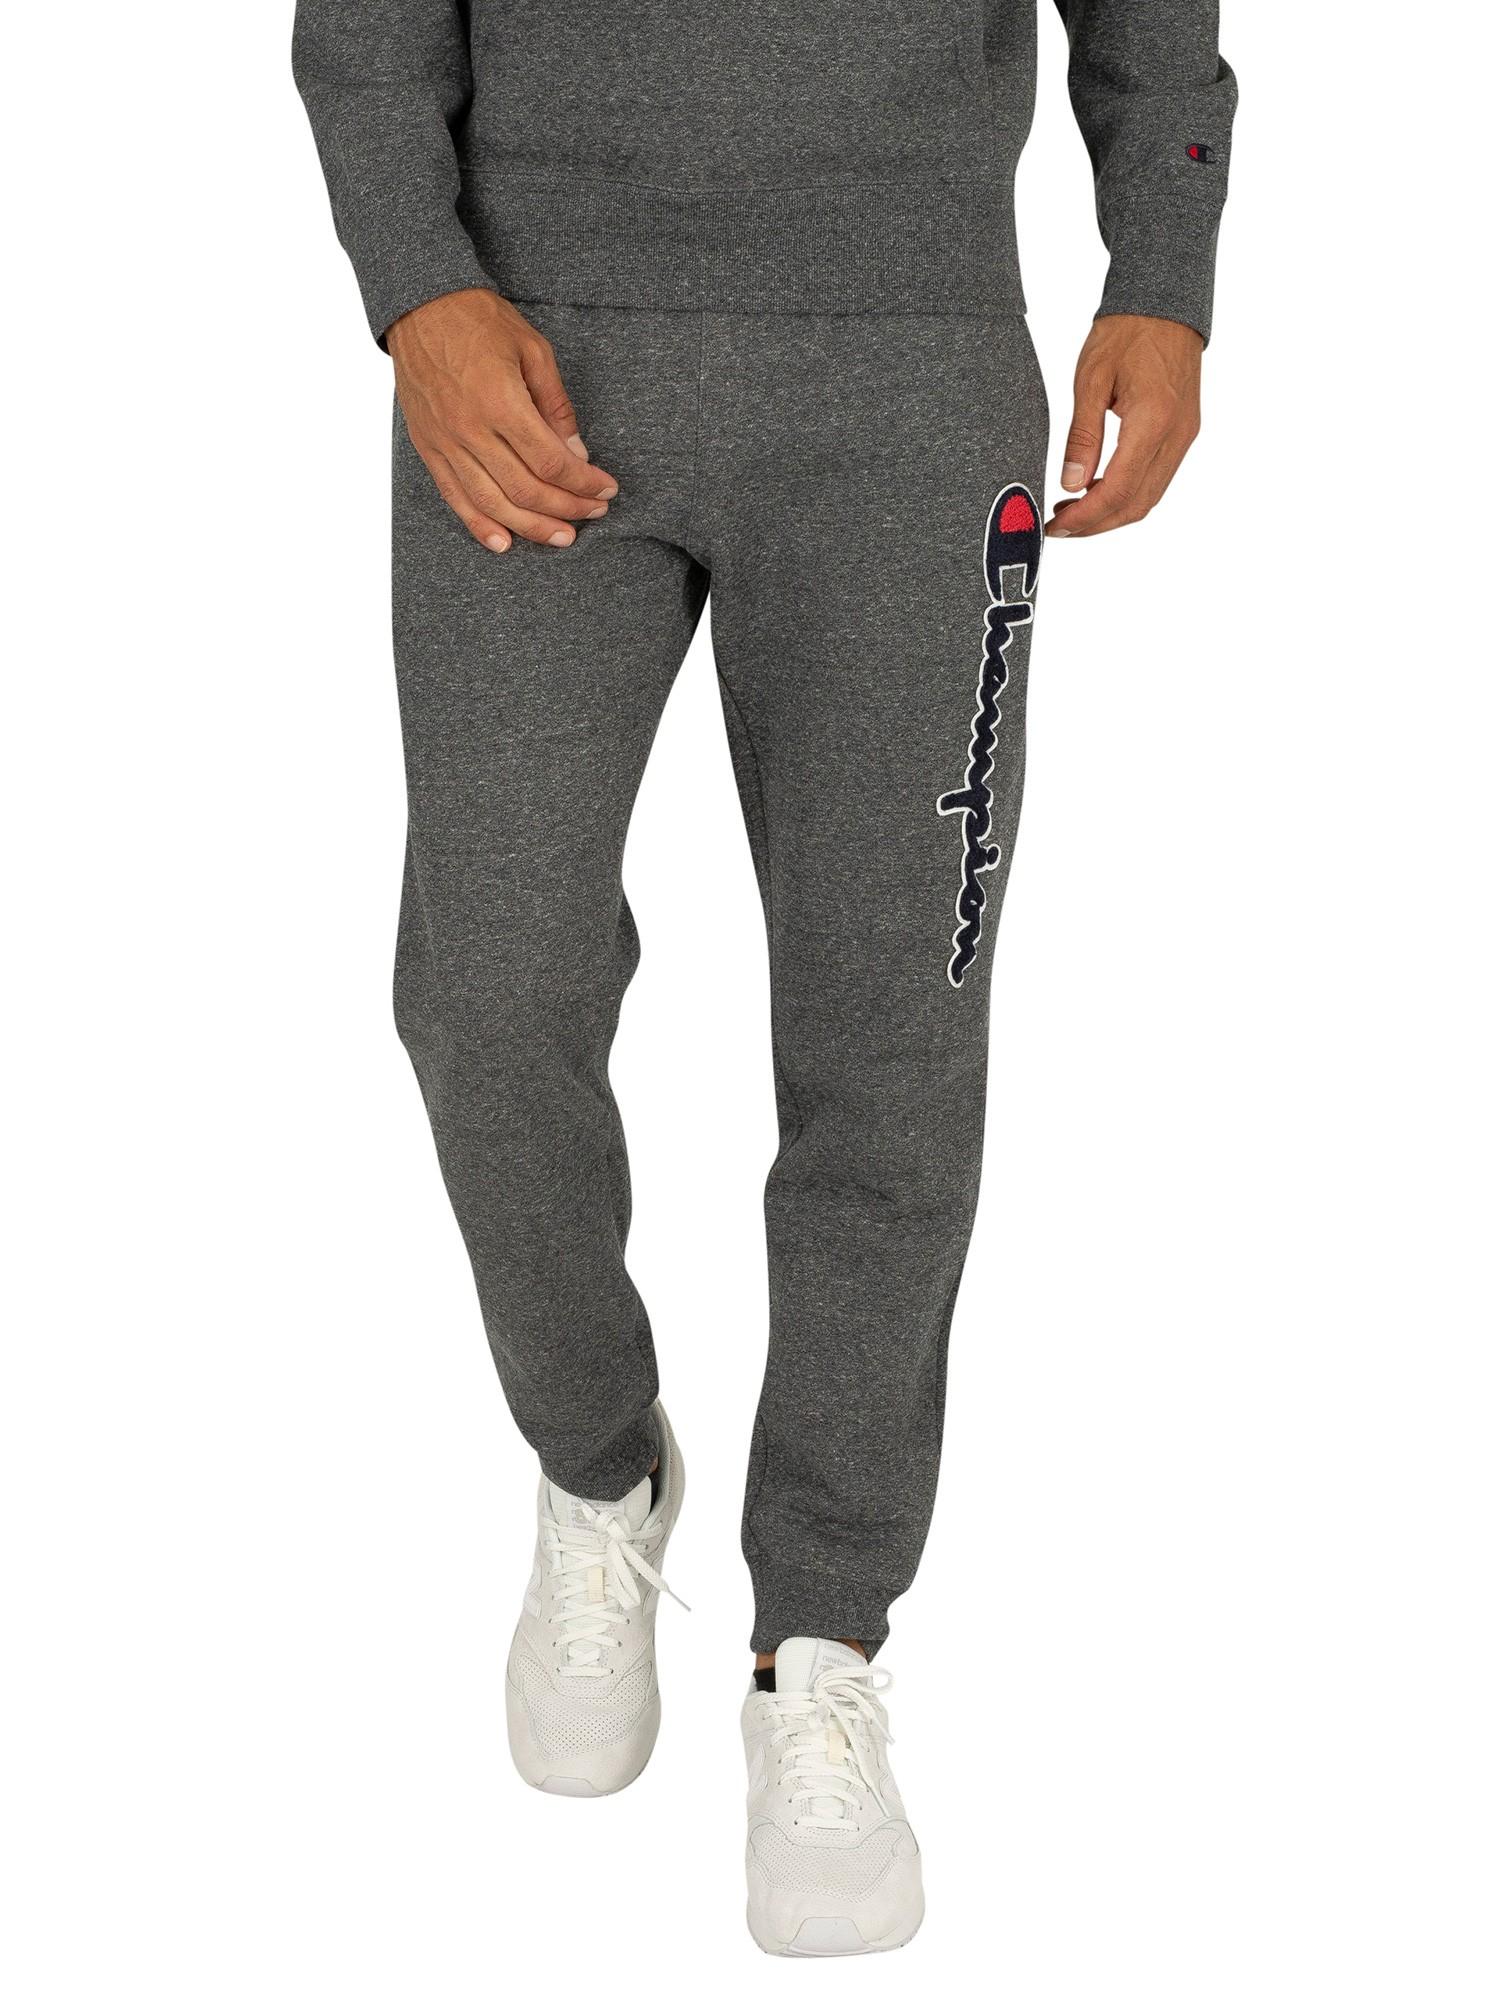 97a30e5491 Men's Joggers | Men's Jogging Bottoms | Standout